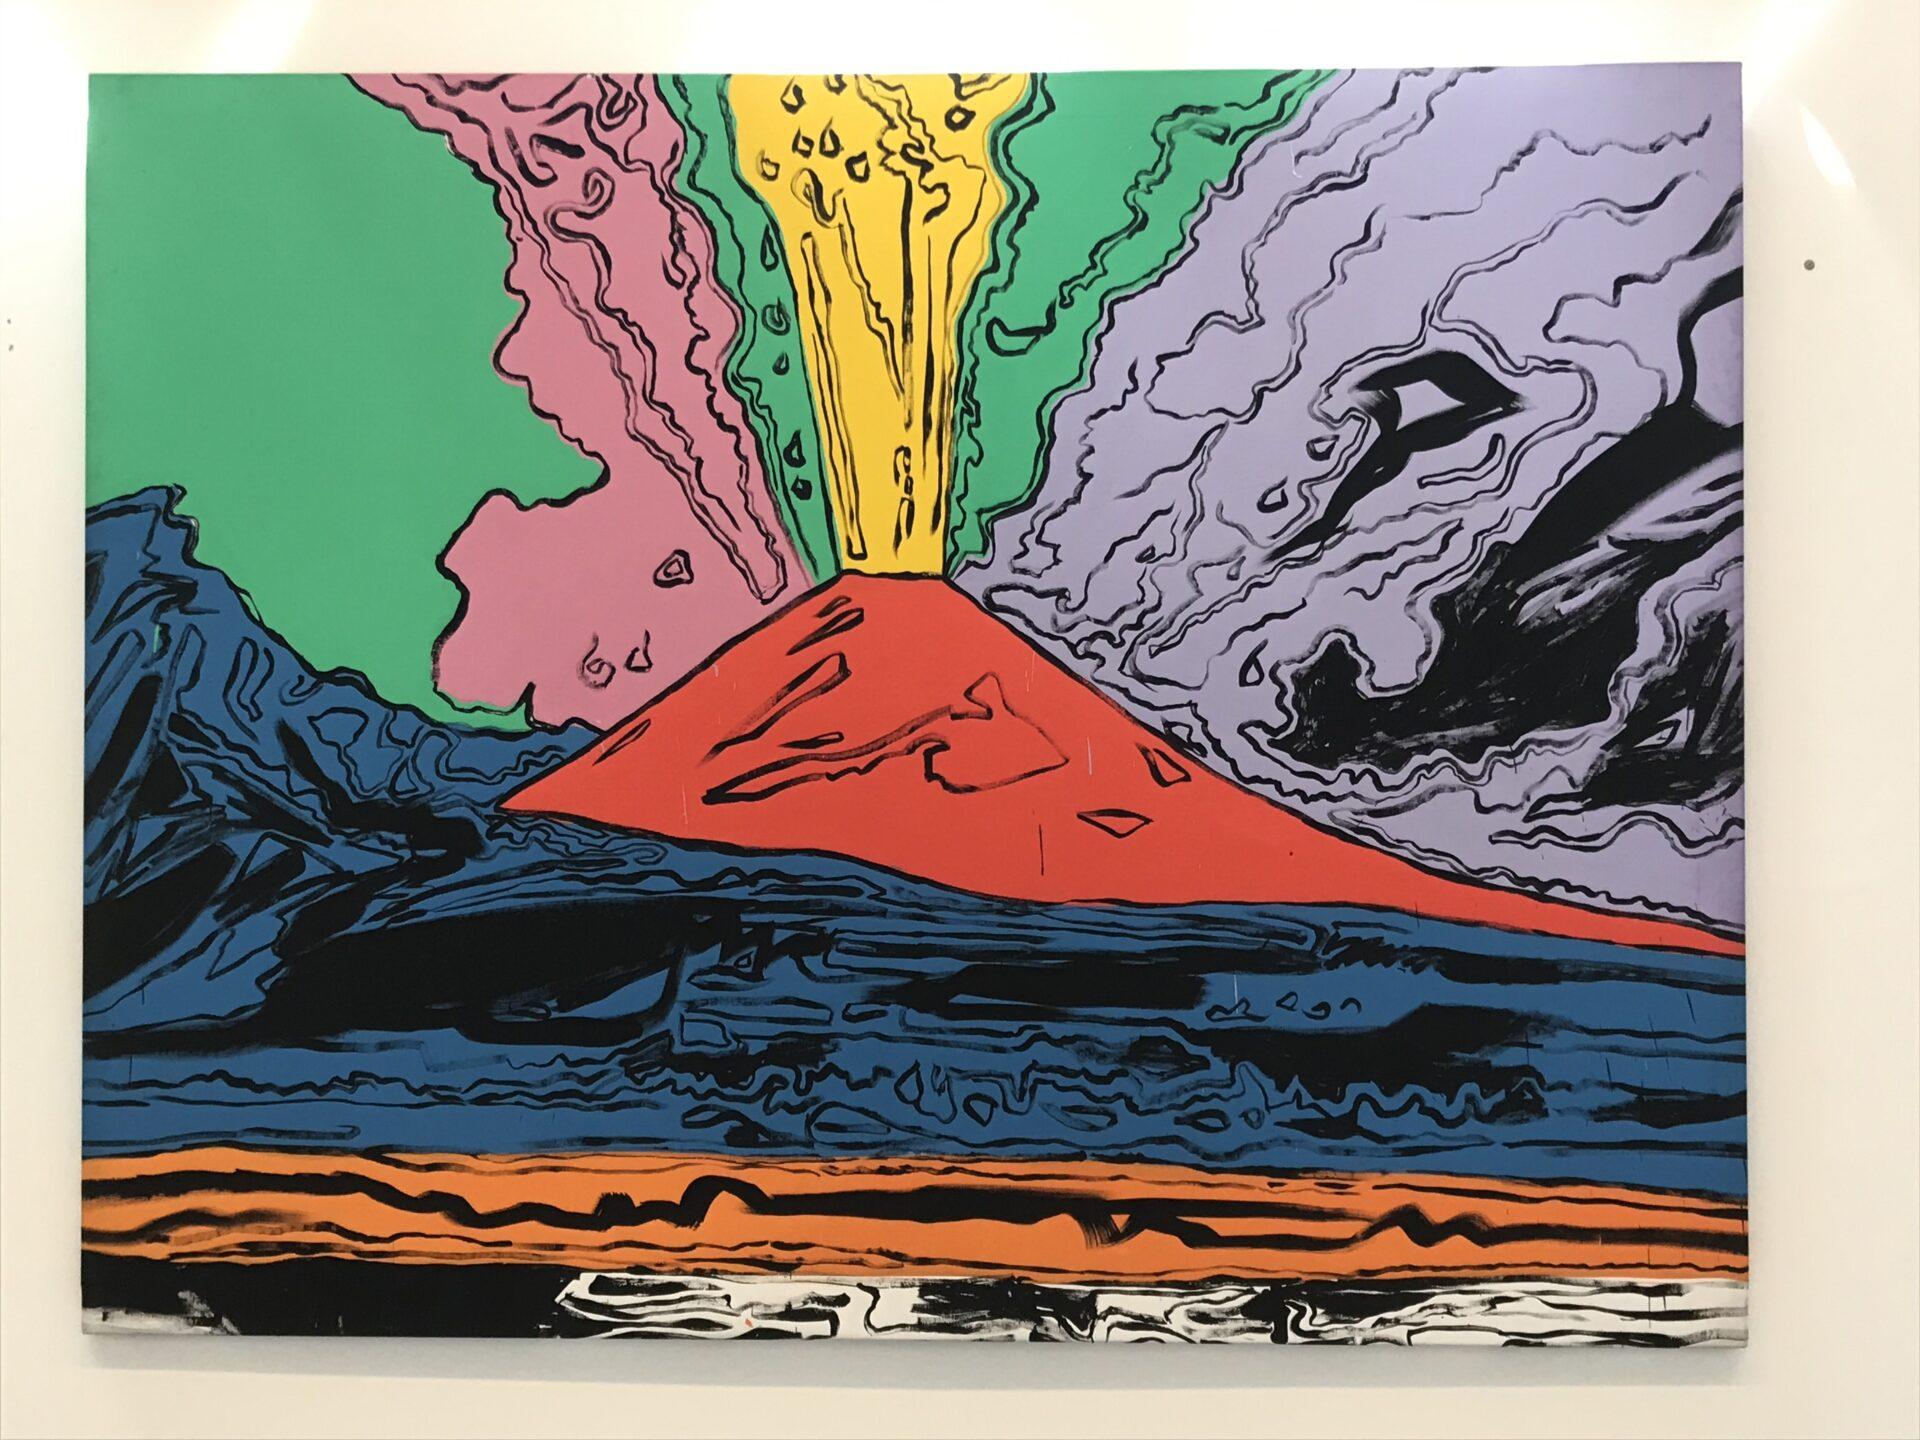 Il Vesuvio, von Andy Warhol